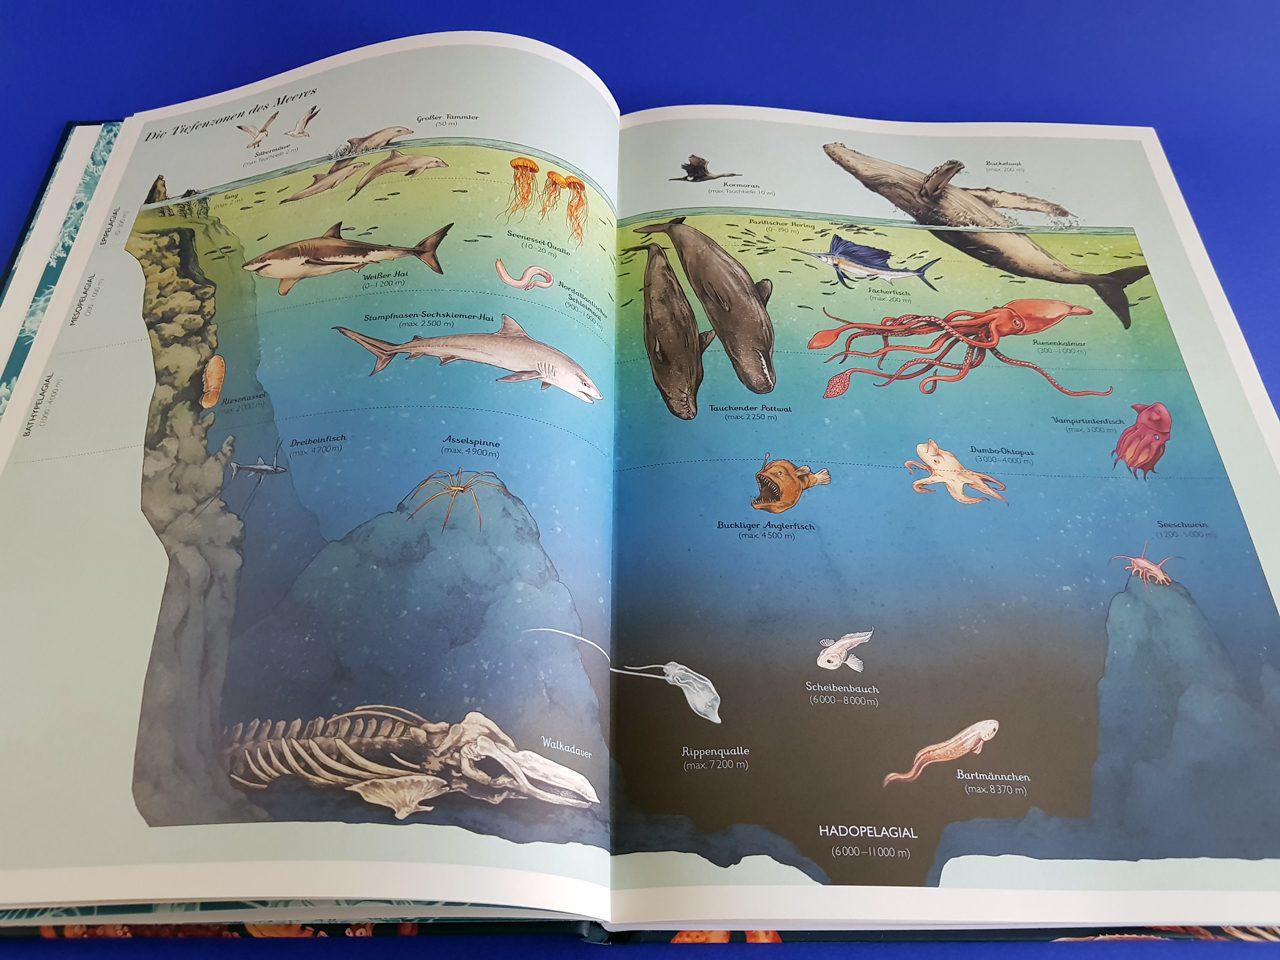 Das Museum des Meeres Eintritt frei Prestel Verlag aufgeschlagenes Buch